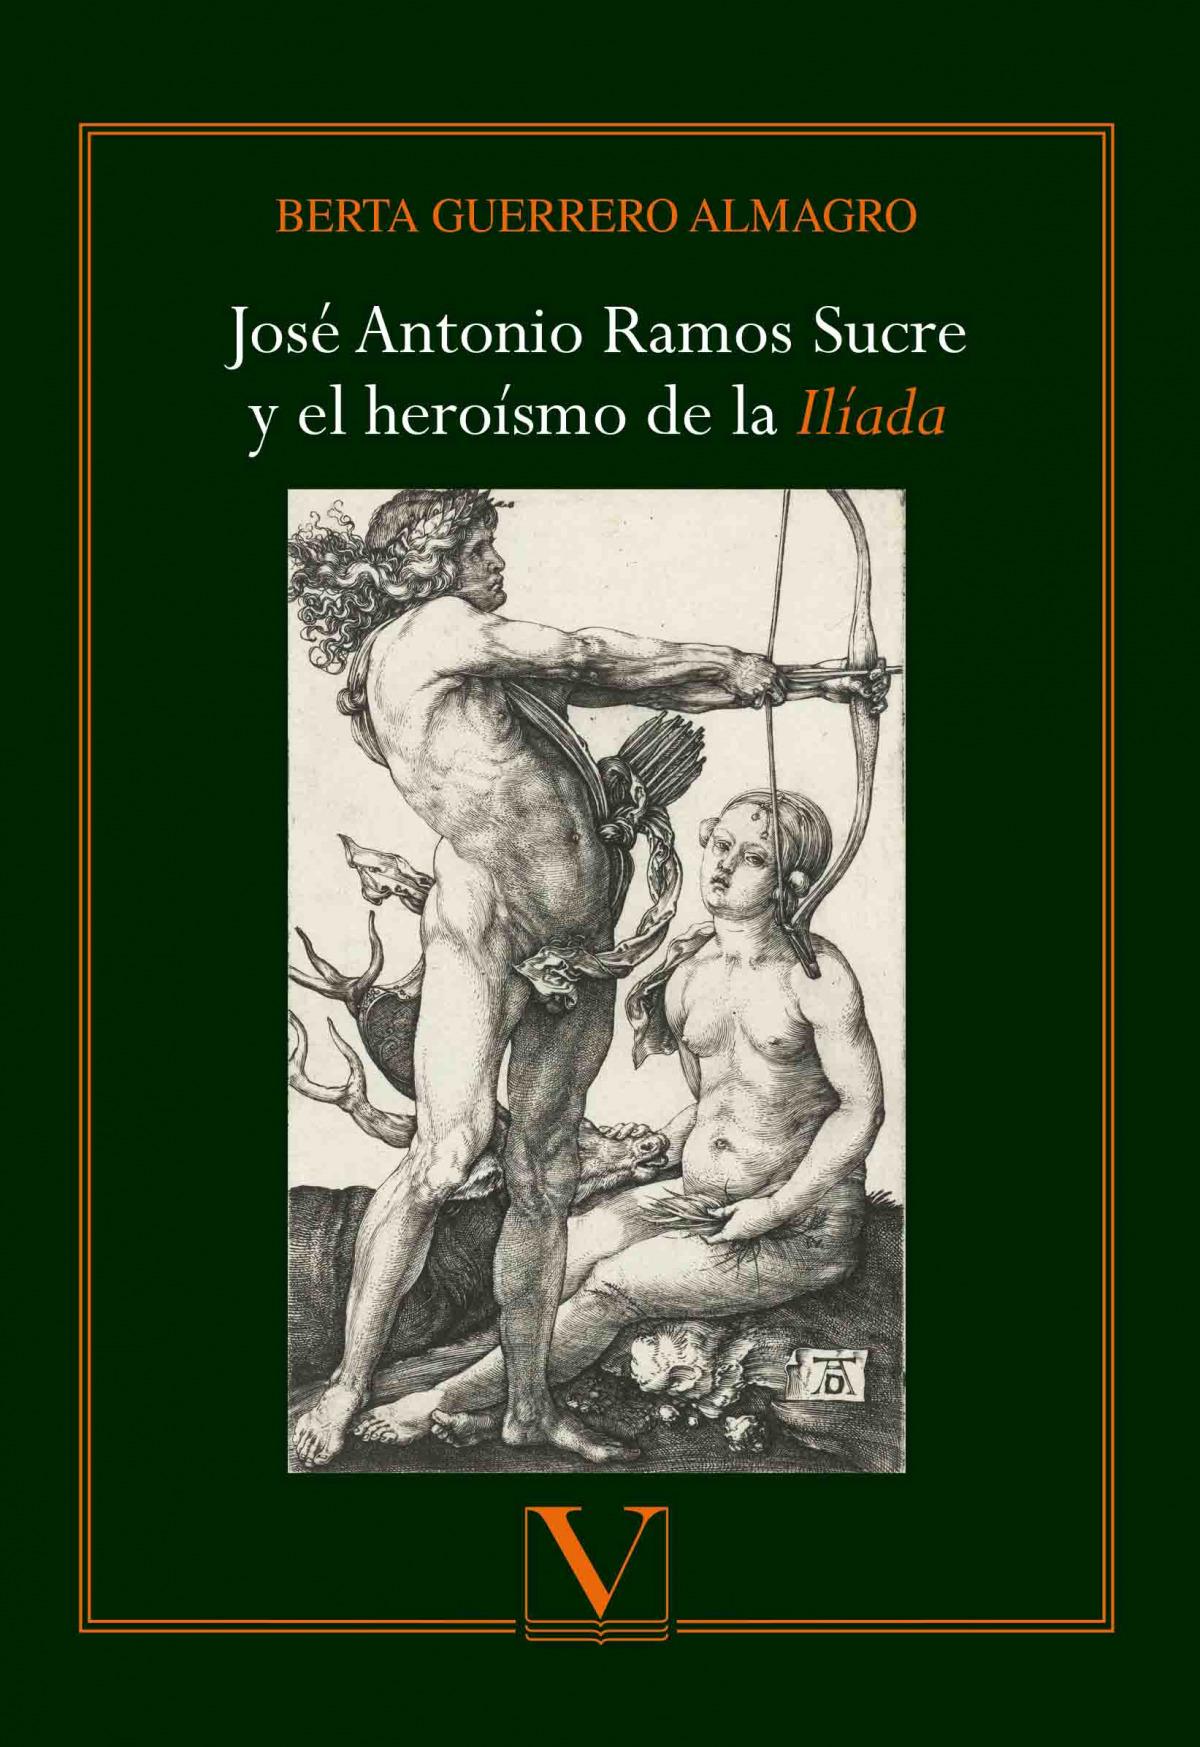 José Antonio Ramos Sucre y el heroísmo de la Ilíada